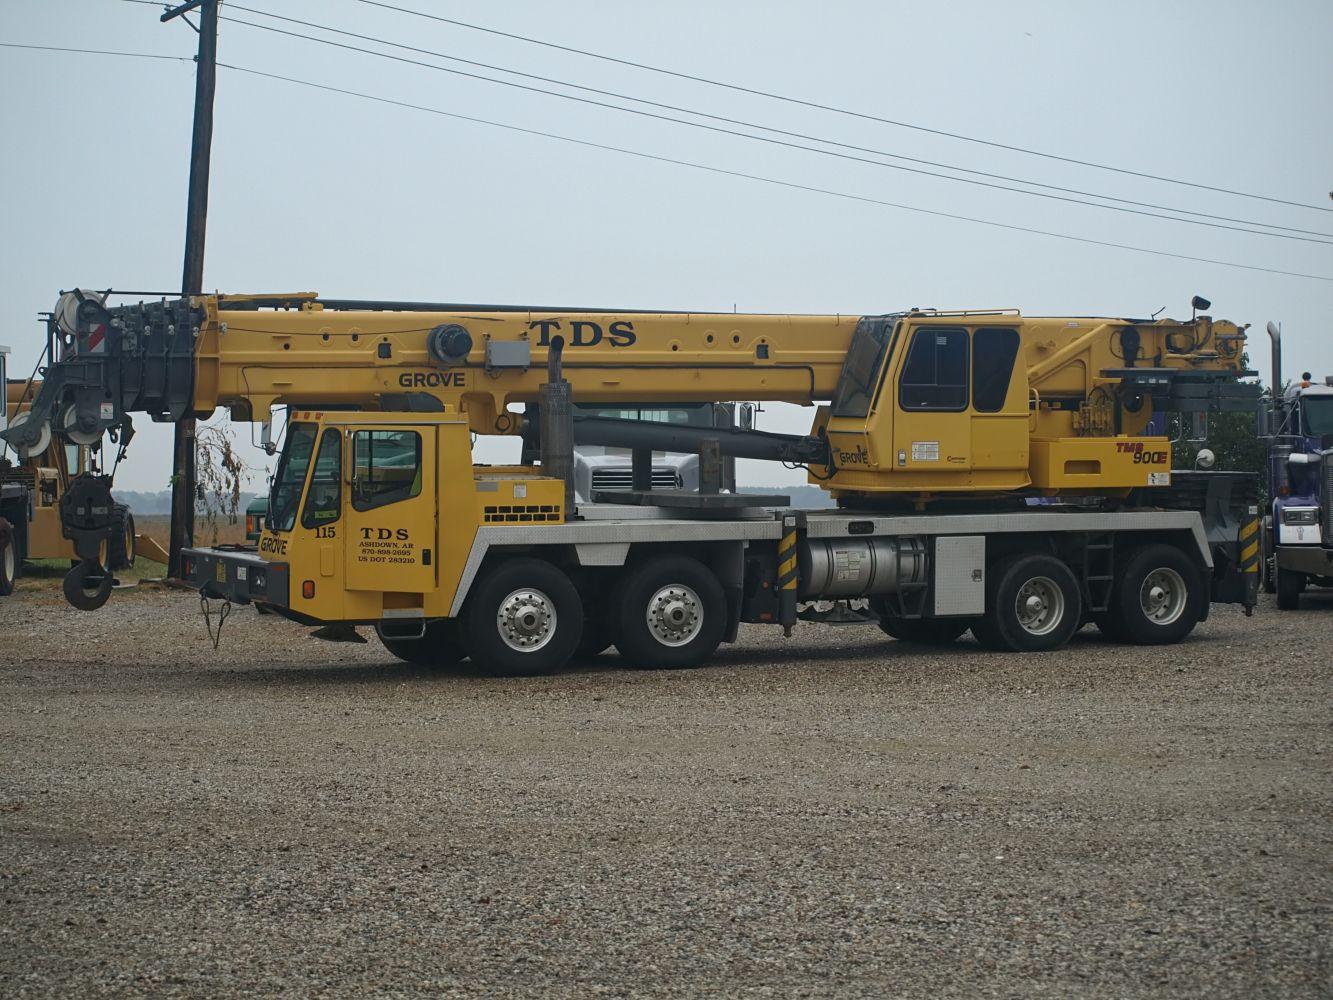 110 Crane